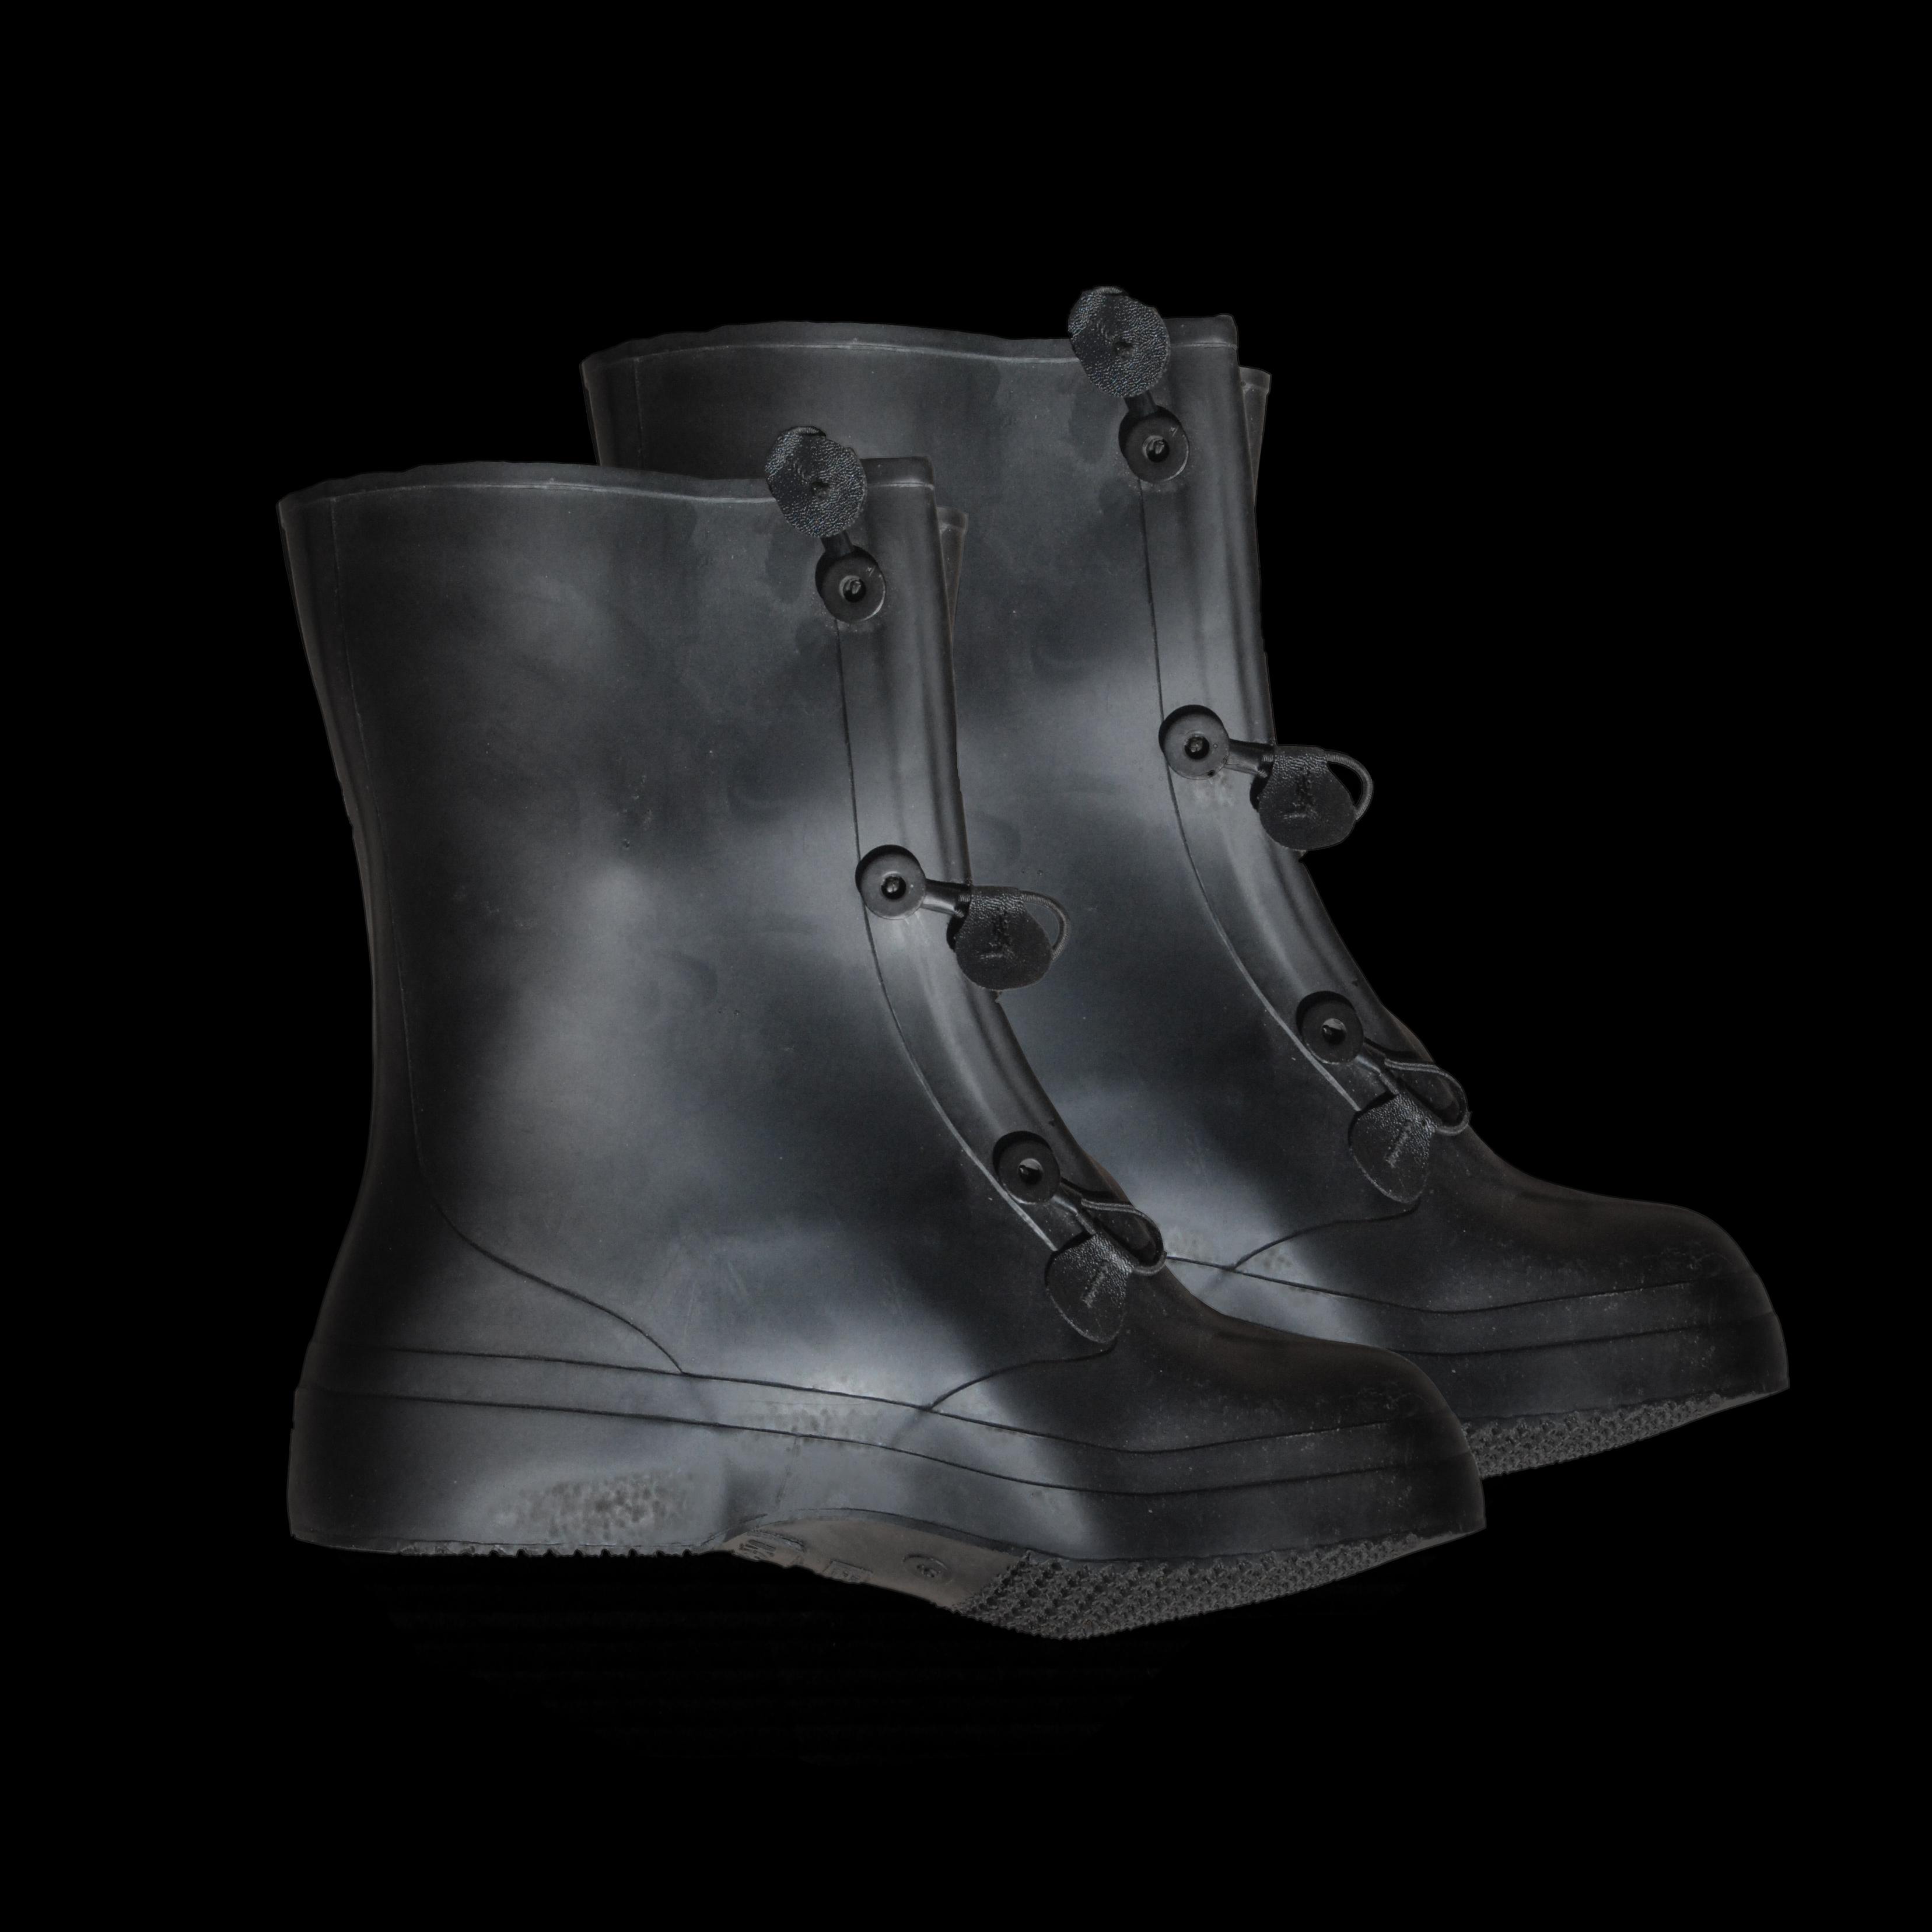 Boots Wet Overshoe